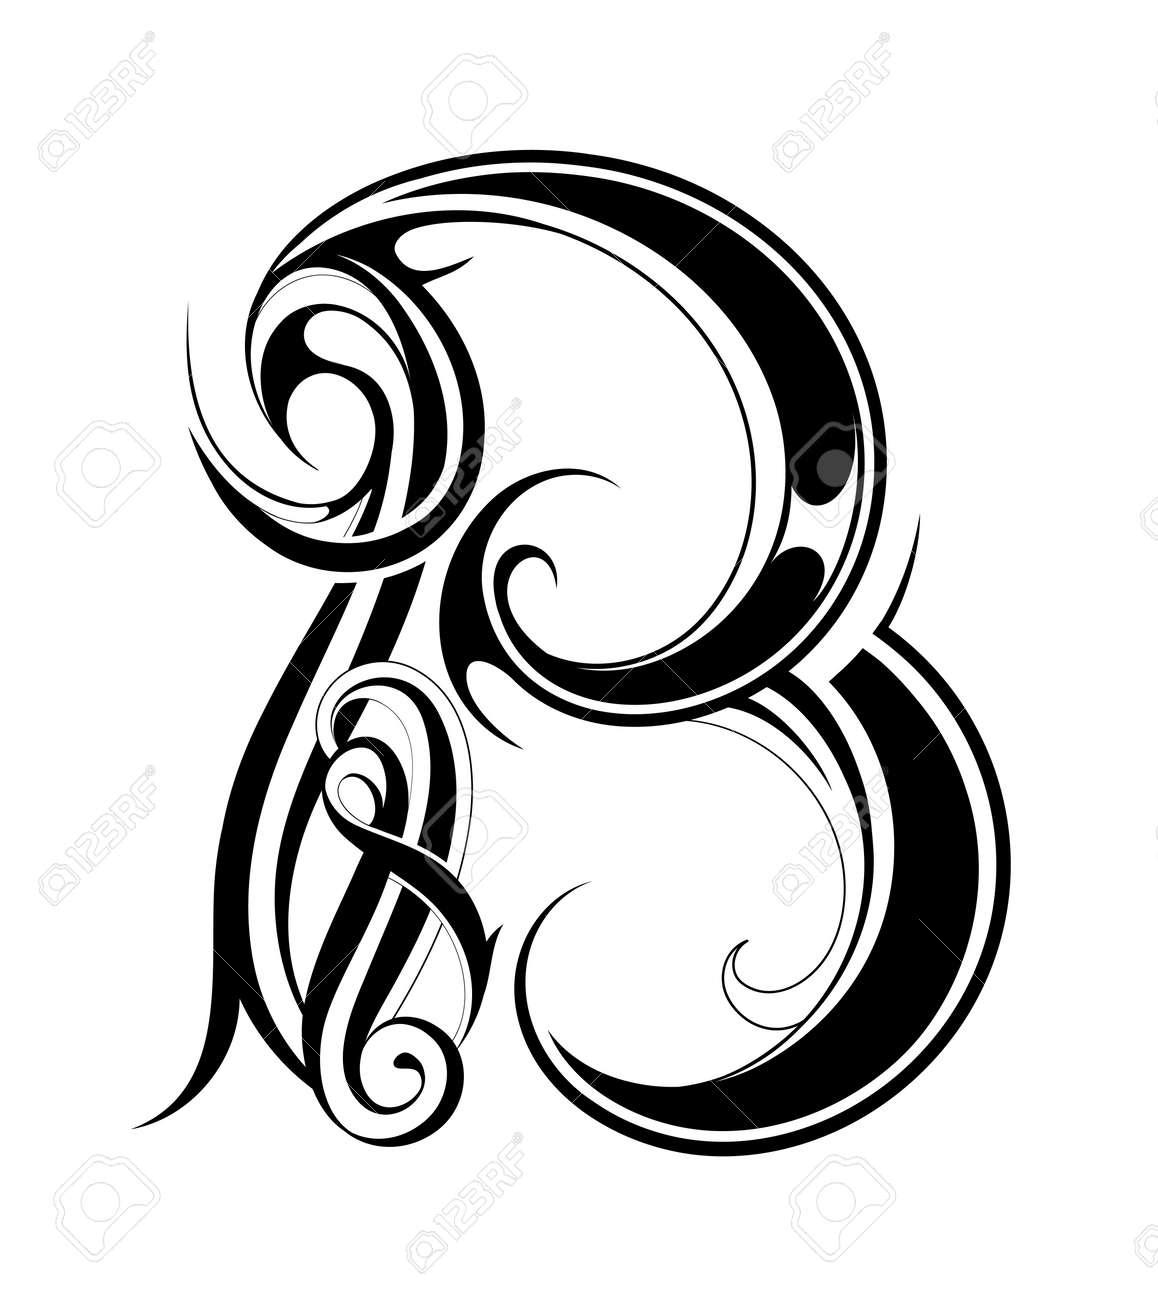 Dekorative Brief Form Isoliert Auf Weiß Font B Lizenzfrei Nutzbare